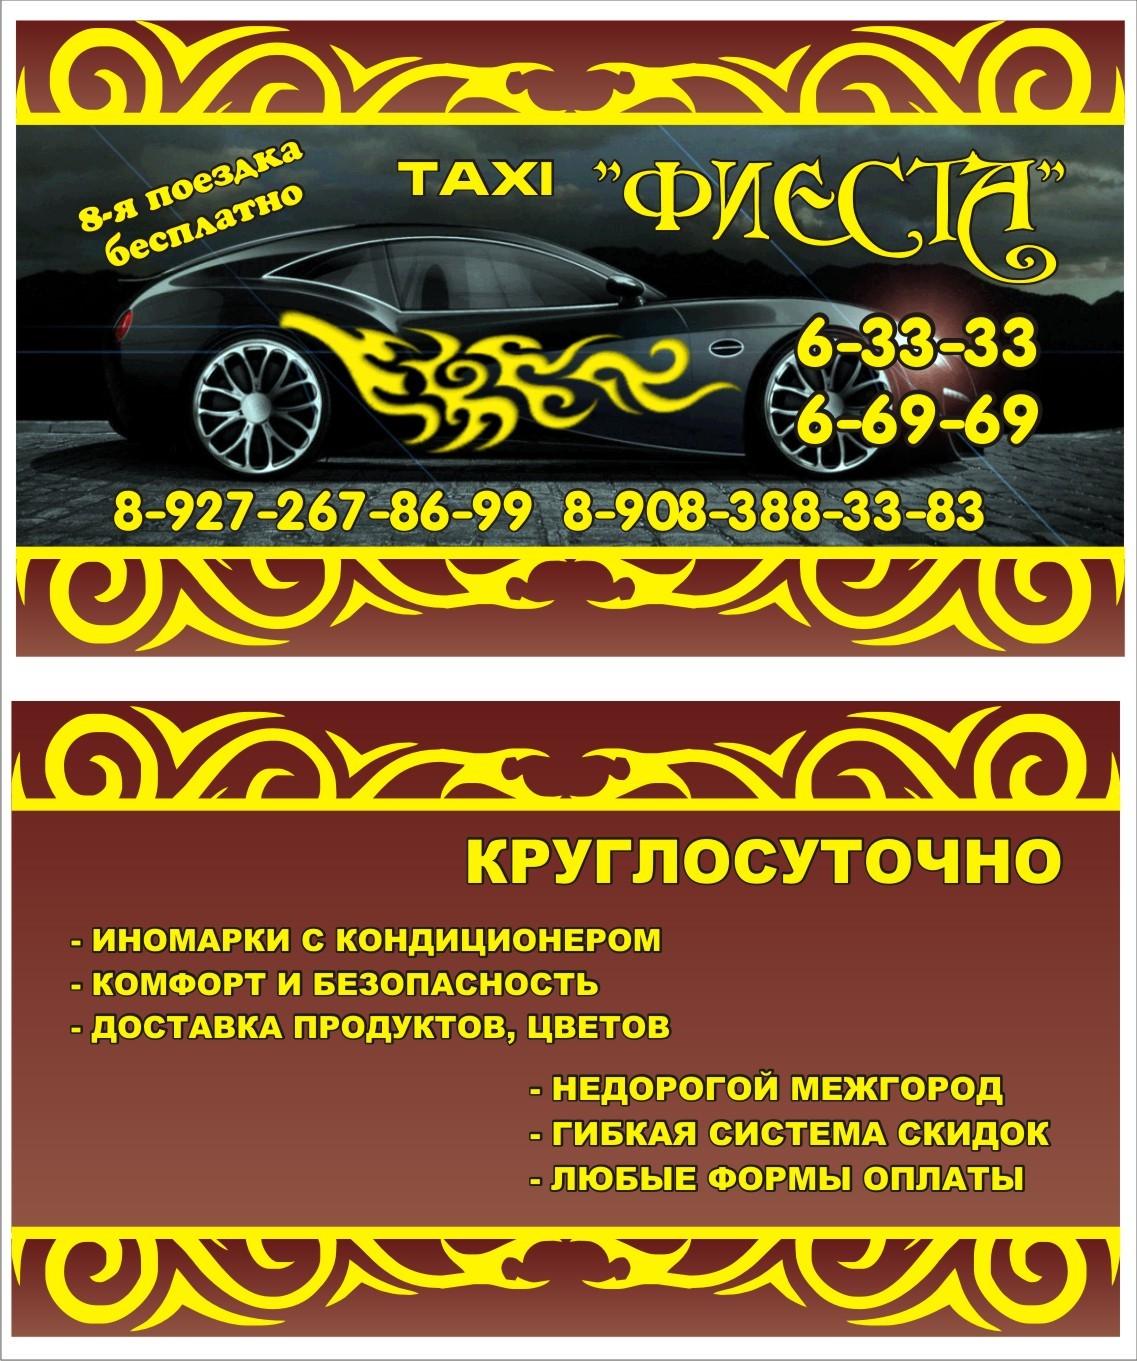 Визитки для такси в Москве | фото 7